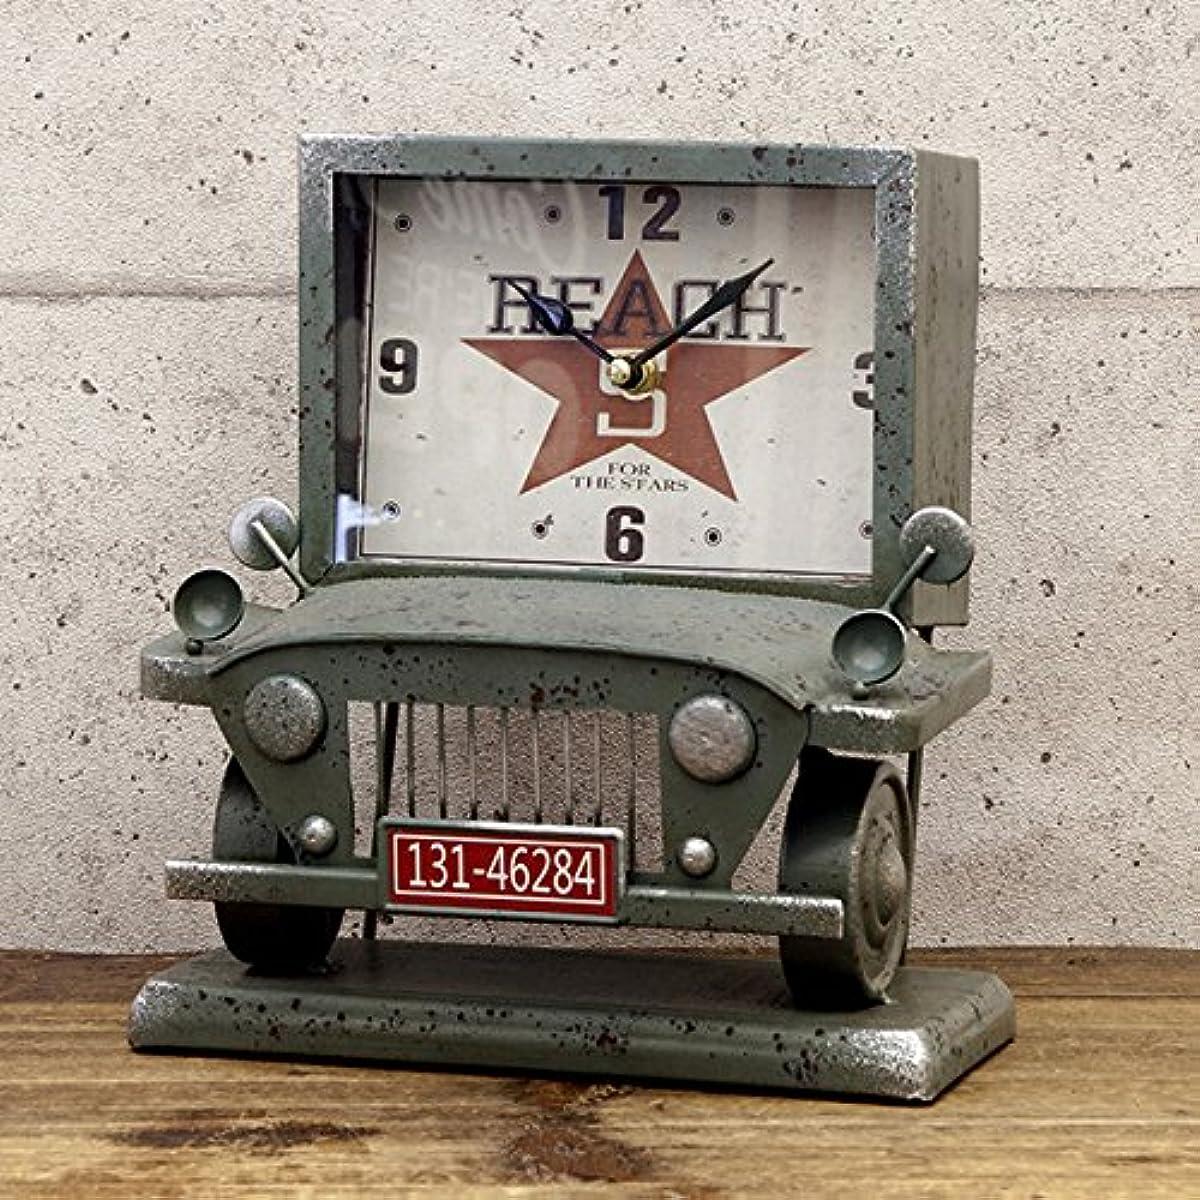 [해외] 【아메리칸 레트로 clock 】트럭/블루 탁상시계 빈티지 clock 앤틱 clock/미국 시계/멋쟁이 시계 오브제 빈티지 개러지 아메리칸 잡화 미국 잡화 레트로